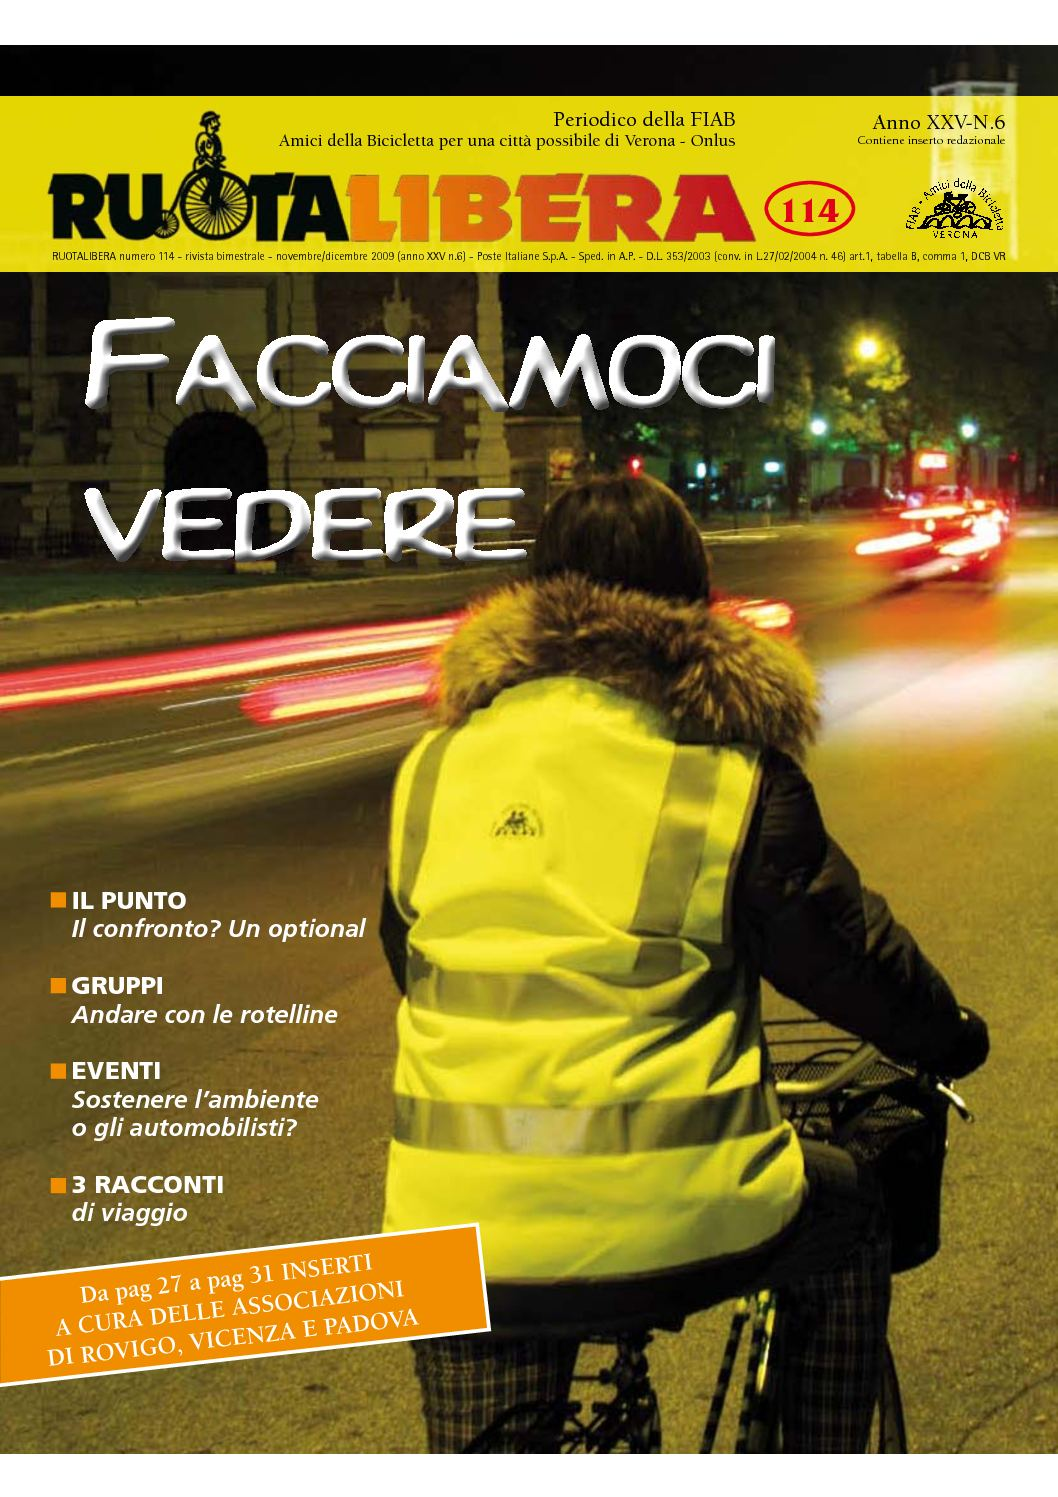 Ruotalibera 114 (novembre/dicembre 2009) - FIAB AdB Verona